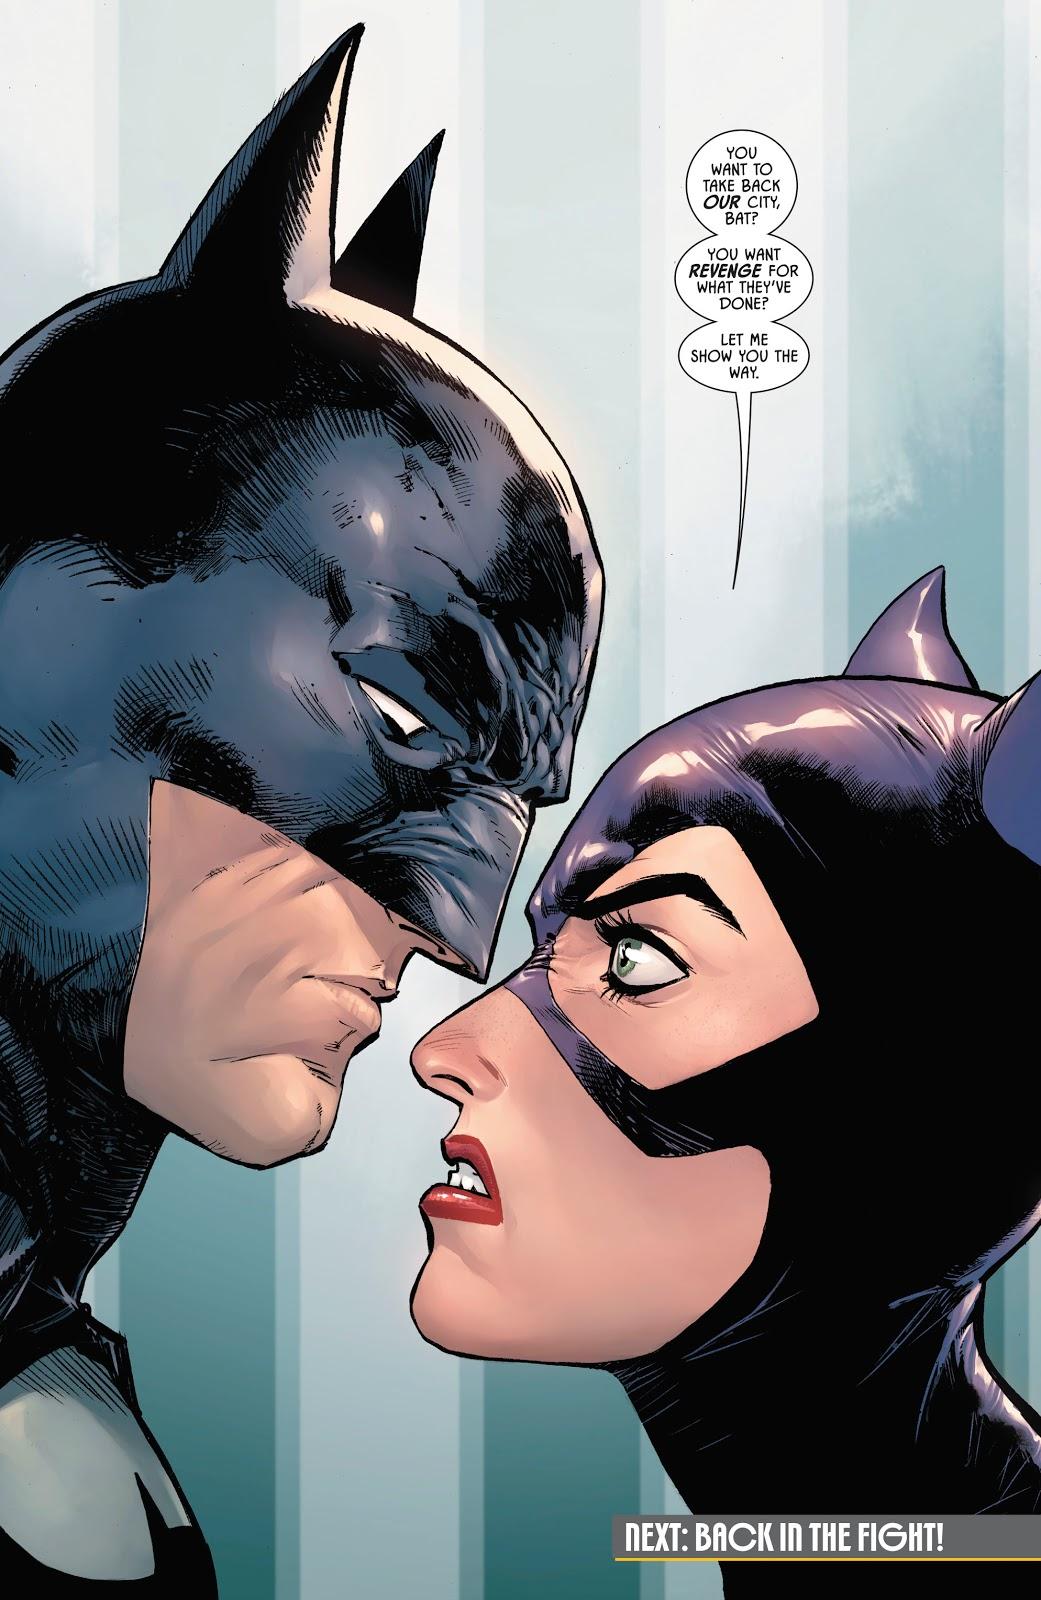 Batman And Catwoman (Batman Vol. 3 #77)